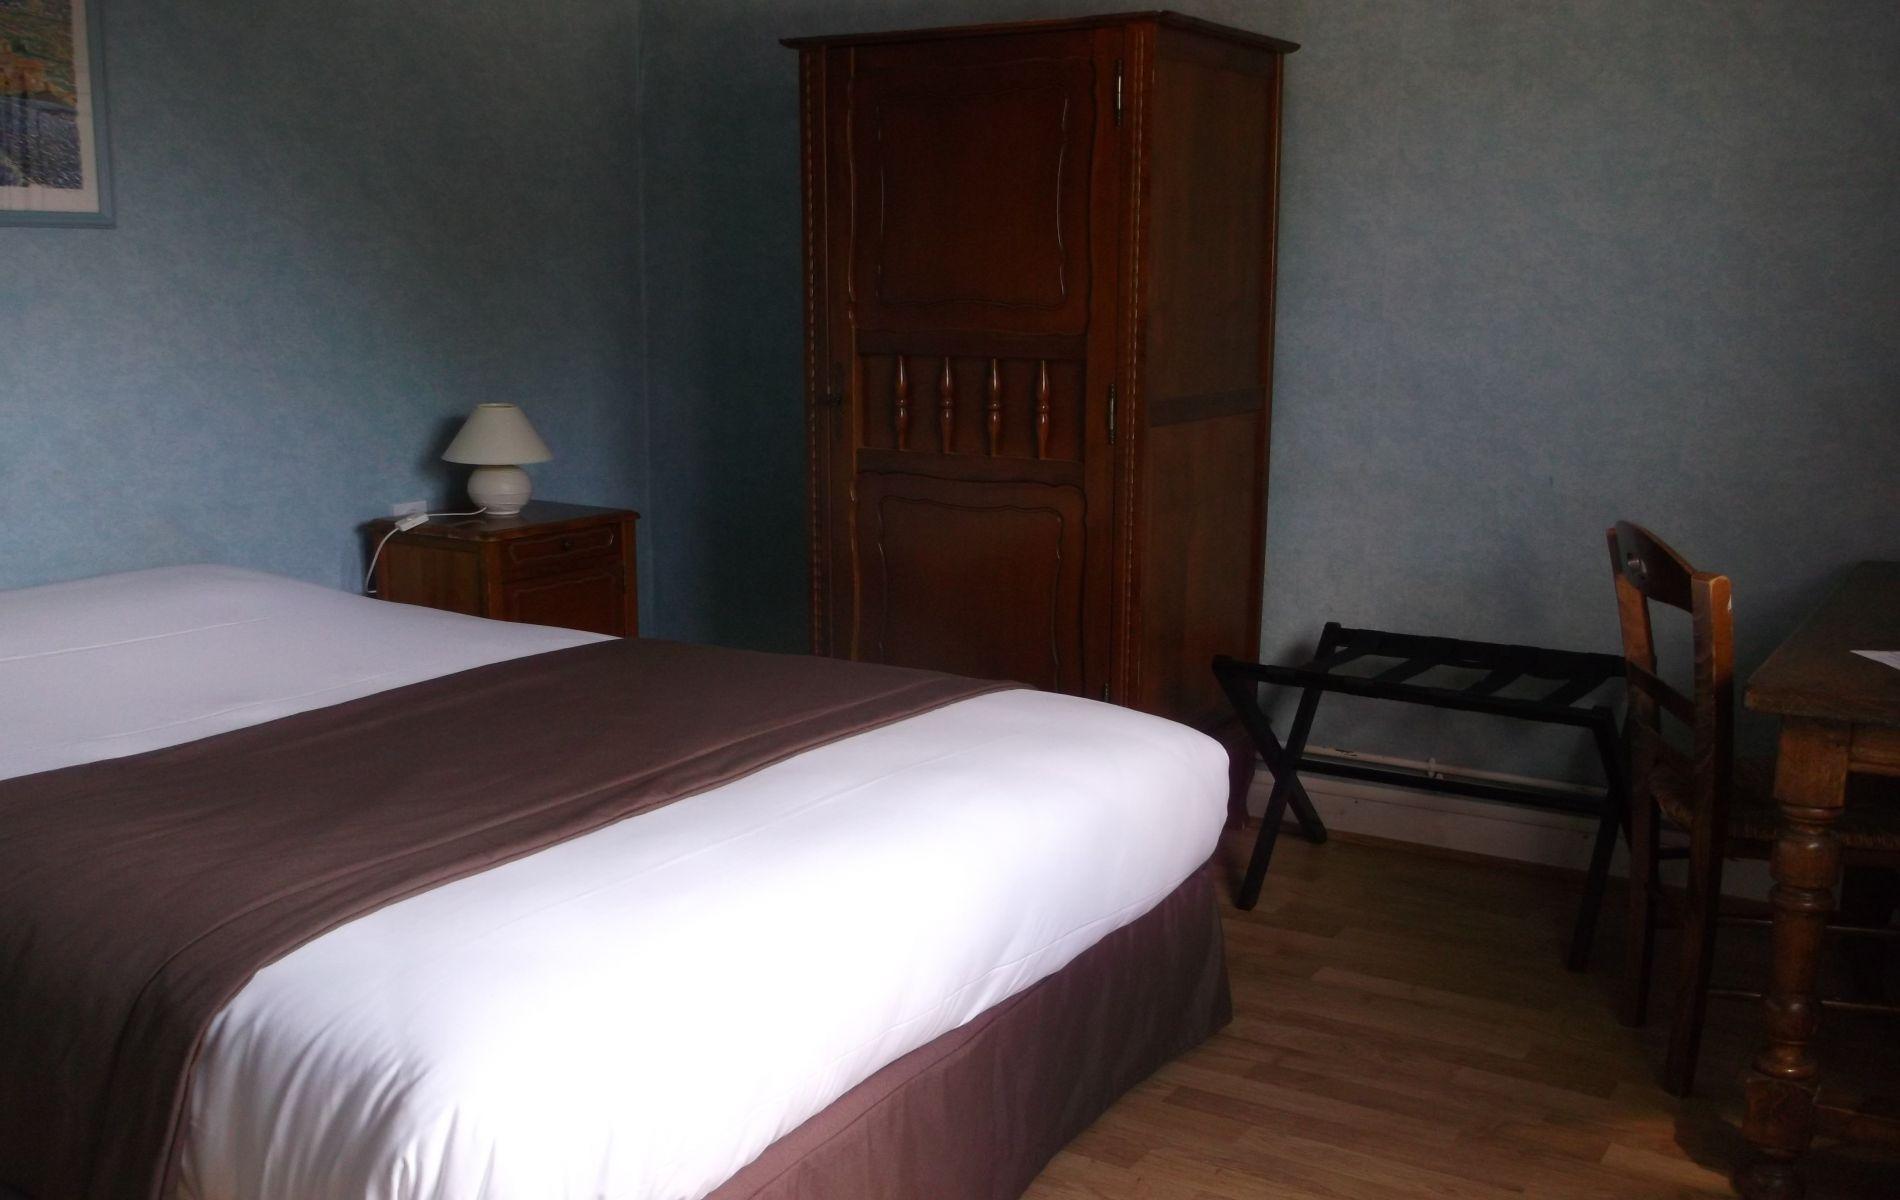 chambre double de l'hôtel saint martin pont l'évêque